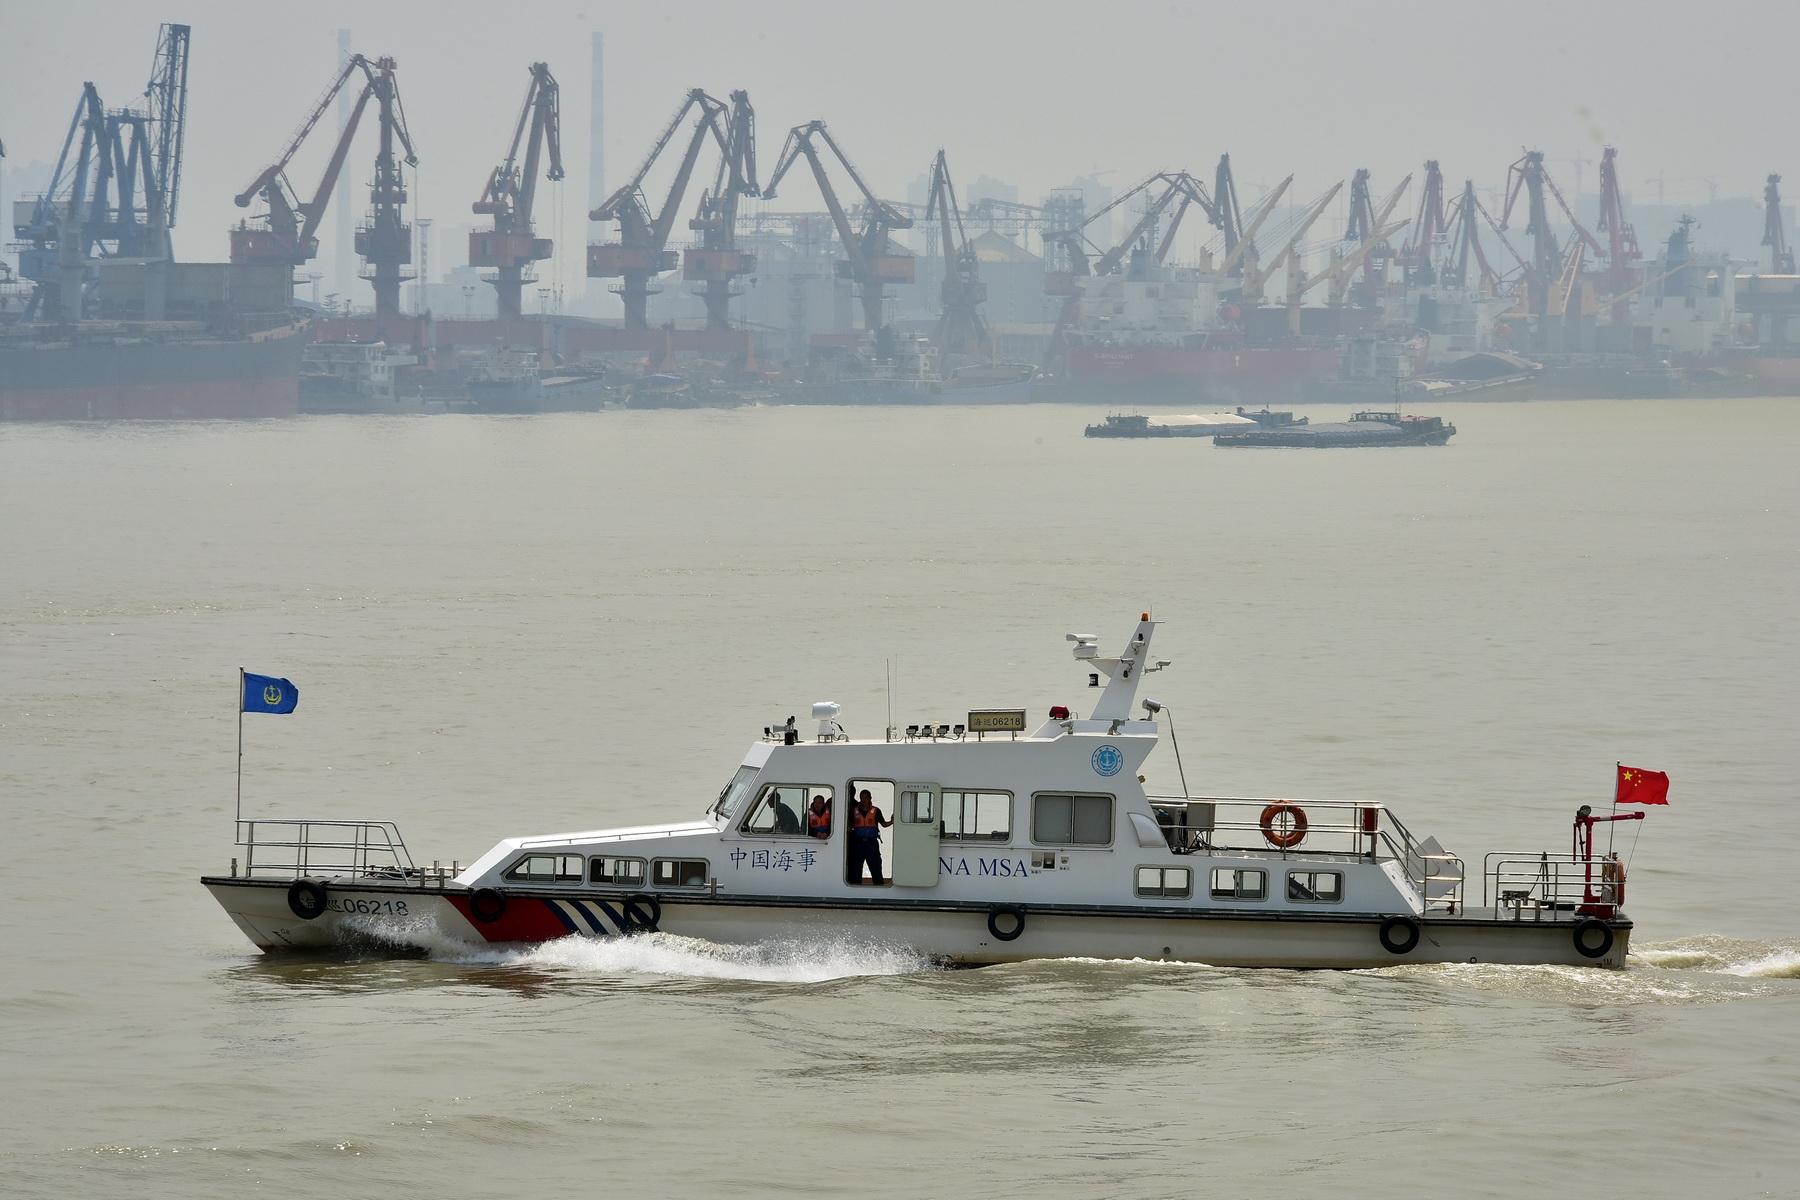 江苏海事局负责江苏省11个设区市的对外开放水域海事监管,主要管辖长